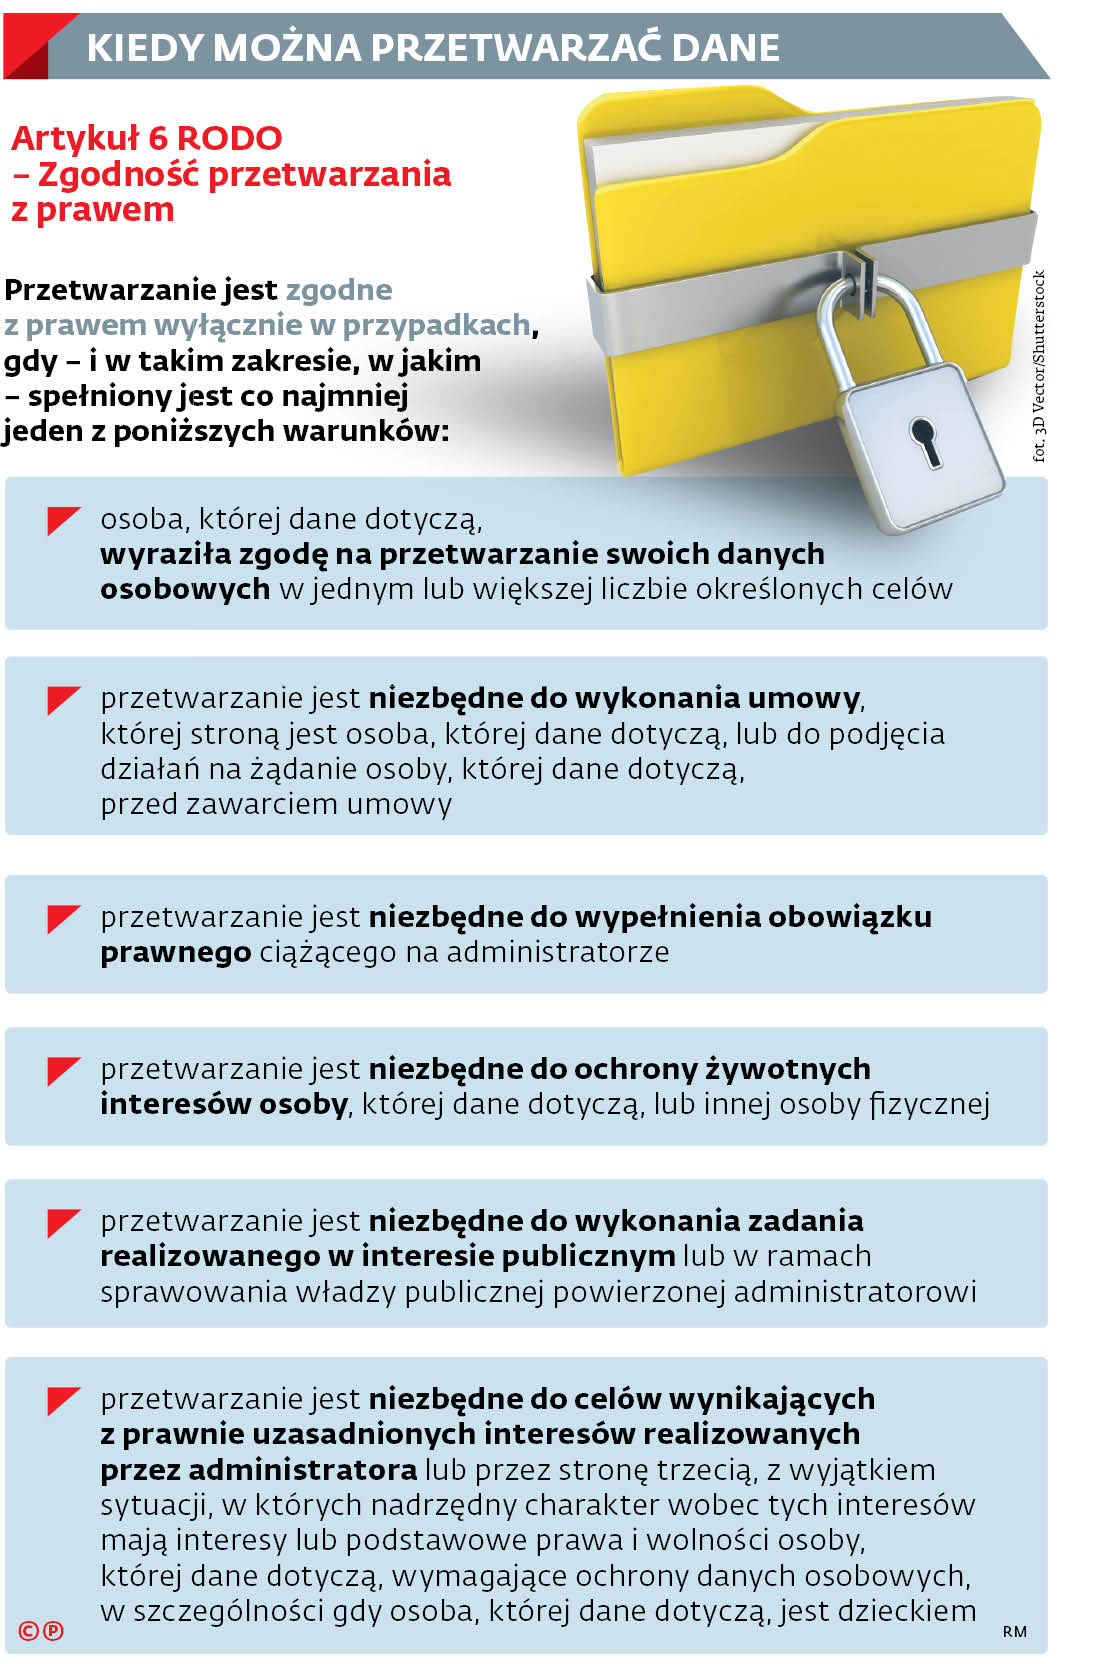 f8b1dfa6b480fd RODO: Firmy nie mogą zmuszać klientów do wyrażenia zgody na przetwarzanie  danych - Prawo i wymiar sprawiedliwości - GazetaPrawna.pl - wiadomości,  notowania, ...